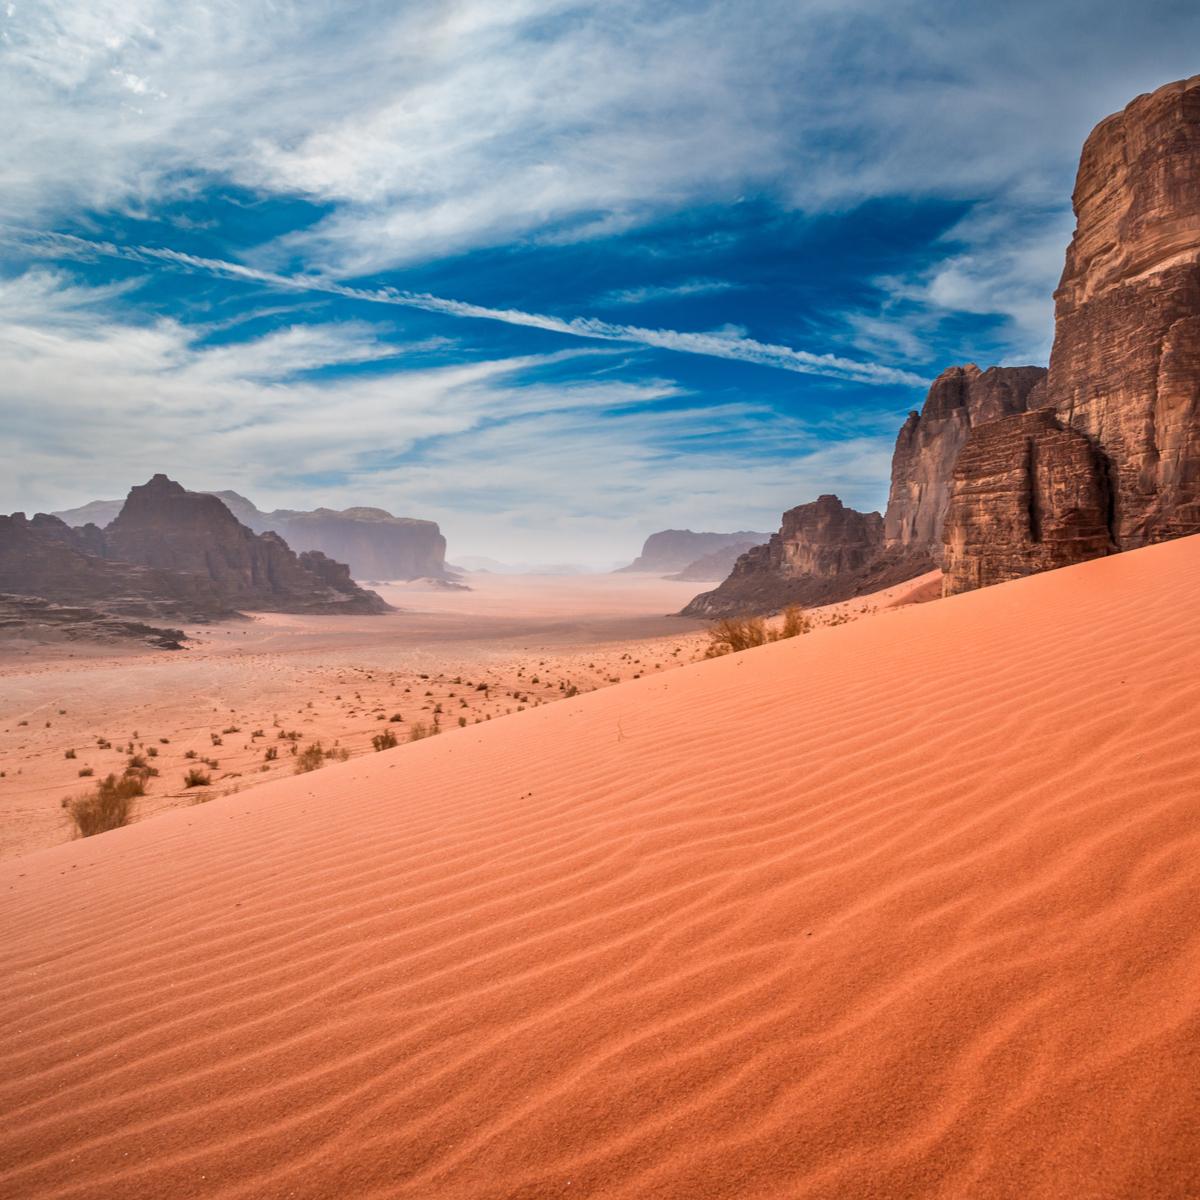 Dunes and rock formations in Wadi Rum, Jordan.